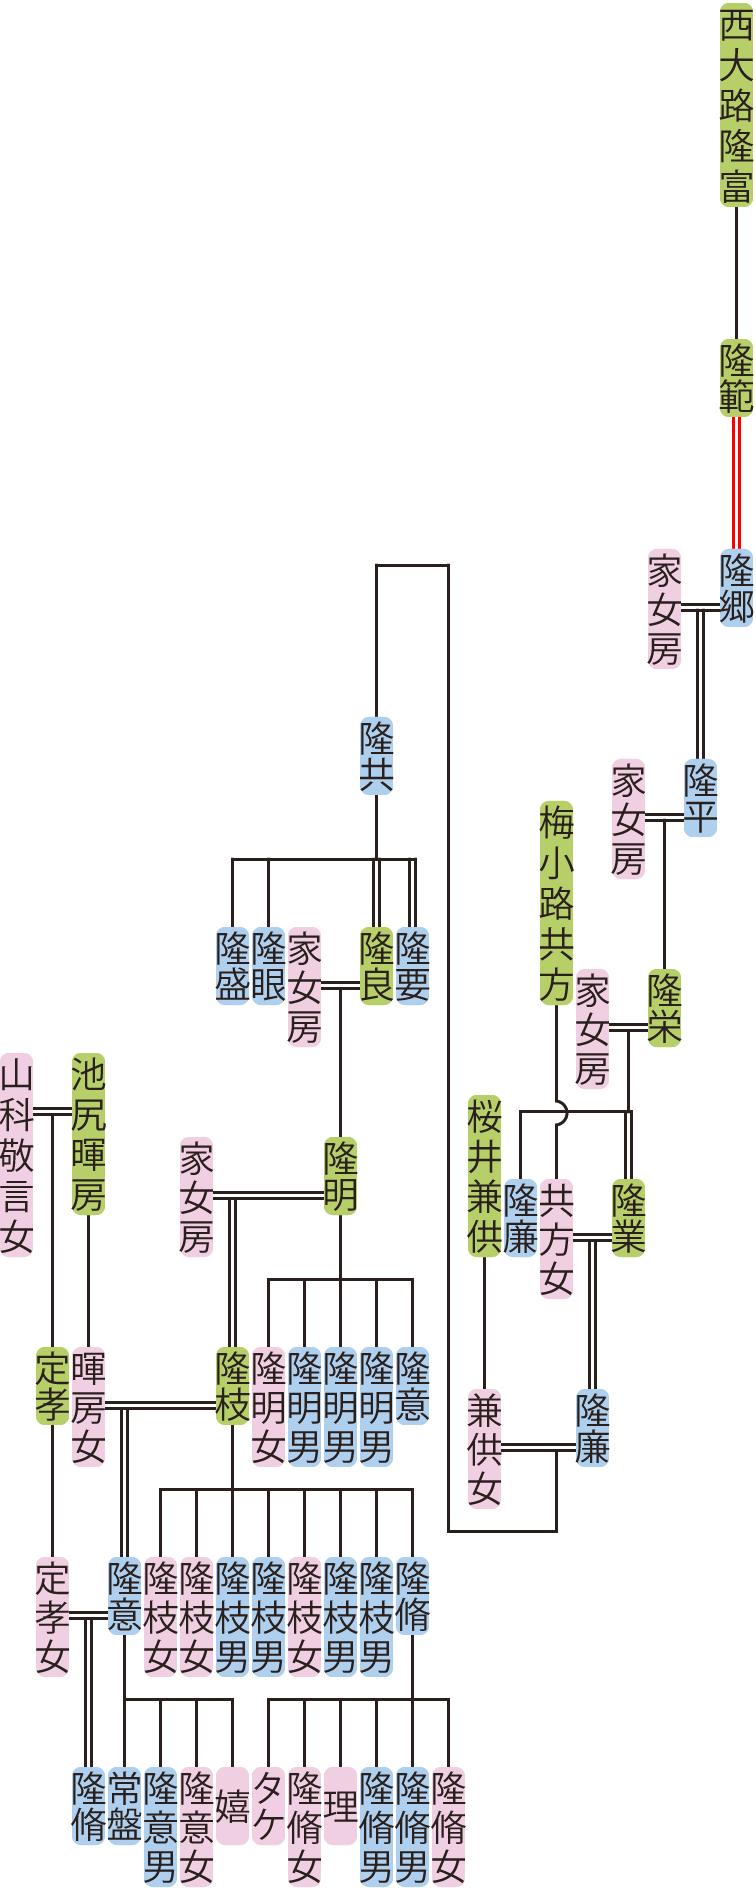 西大路隆郷~隆脩の系図